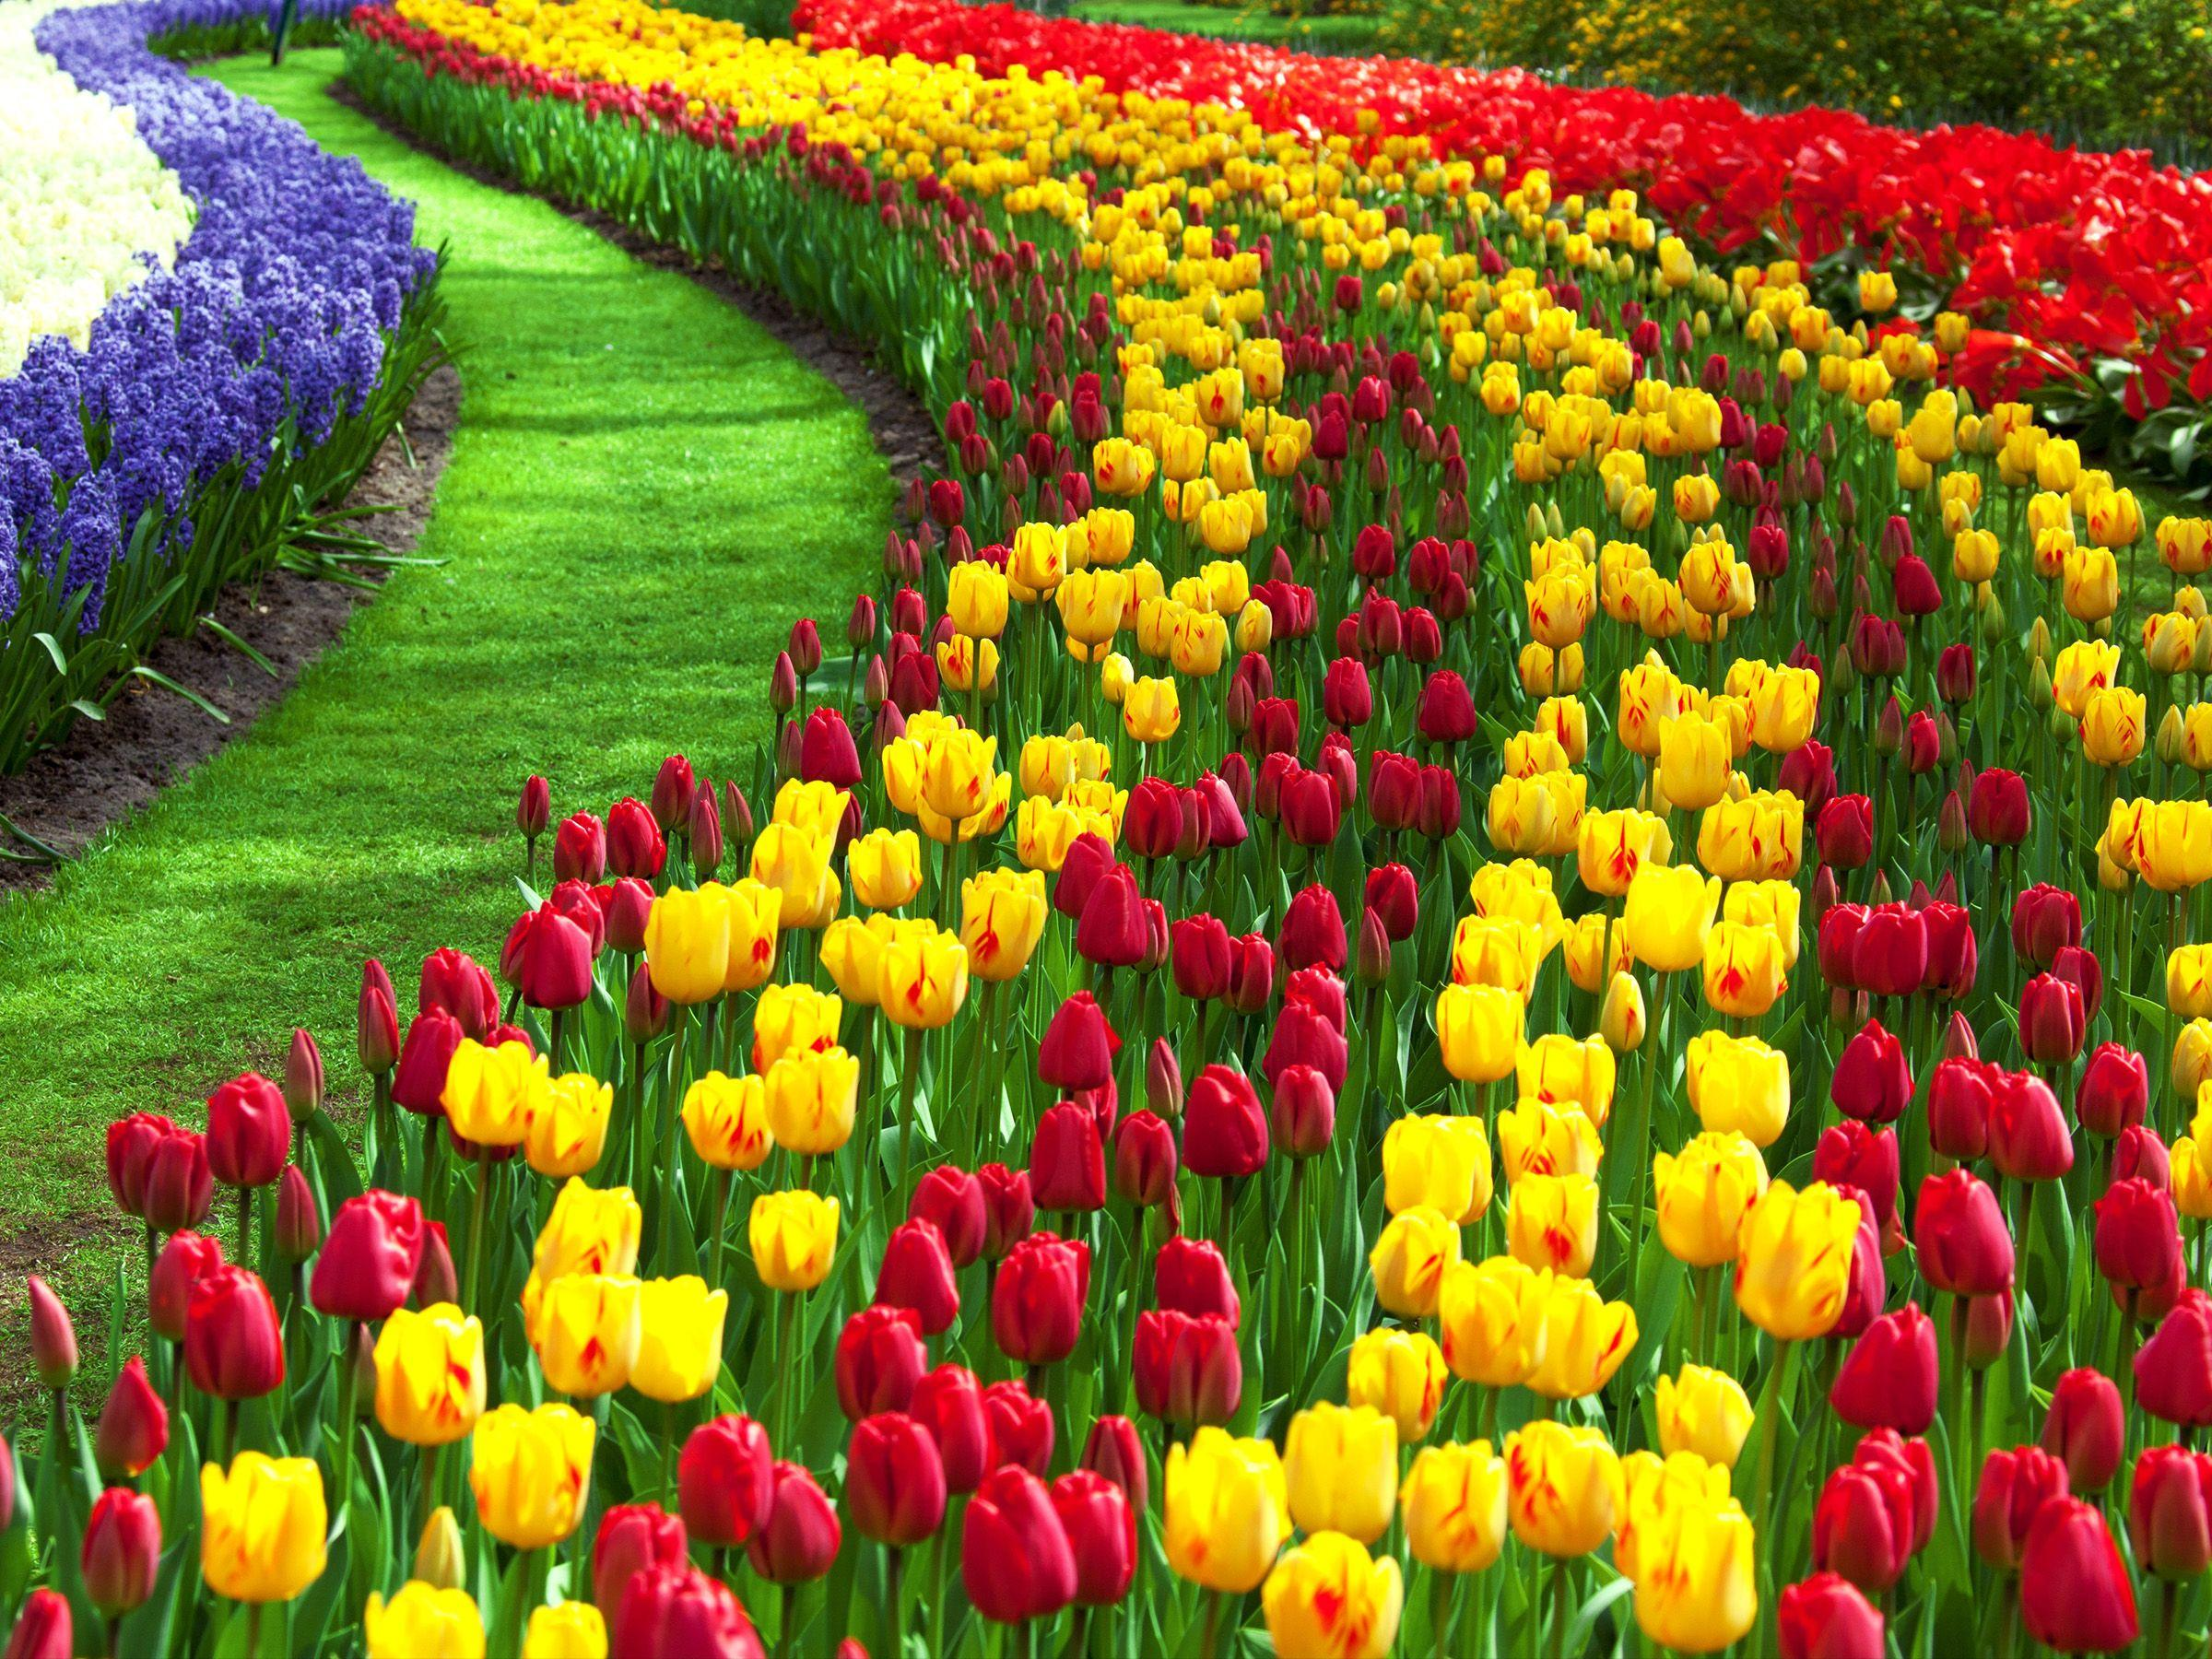 Full Screen Flower Garden Nature Wallpaper Hd 3d